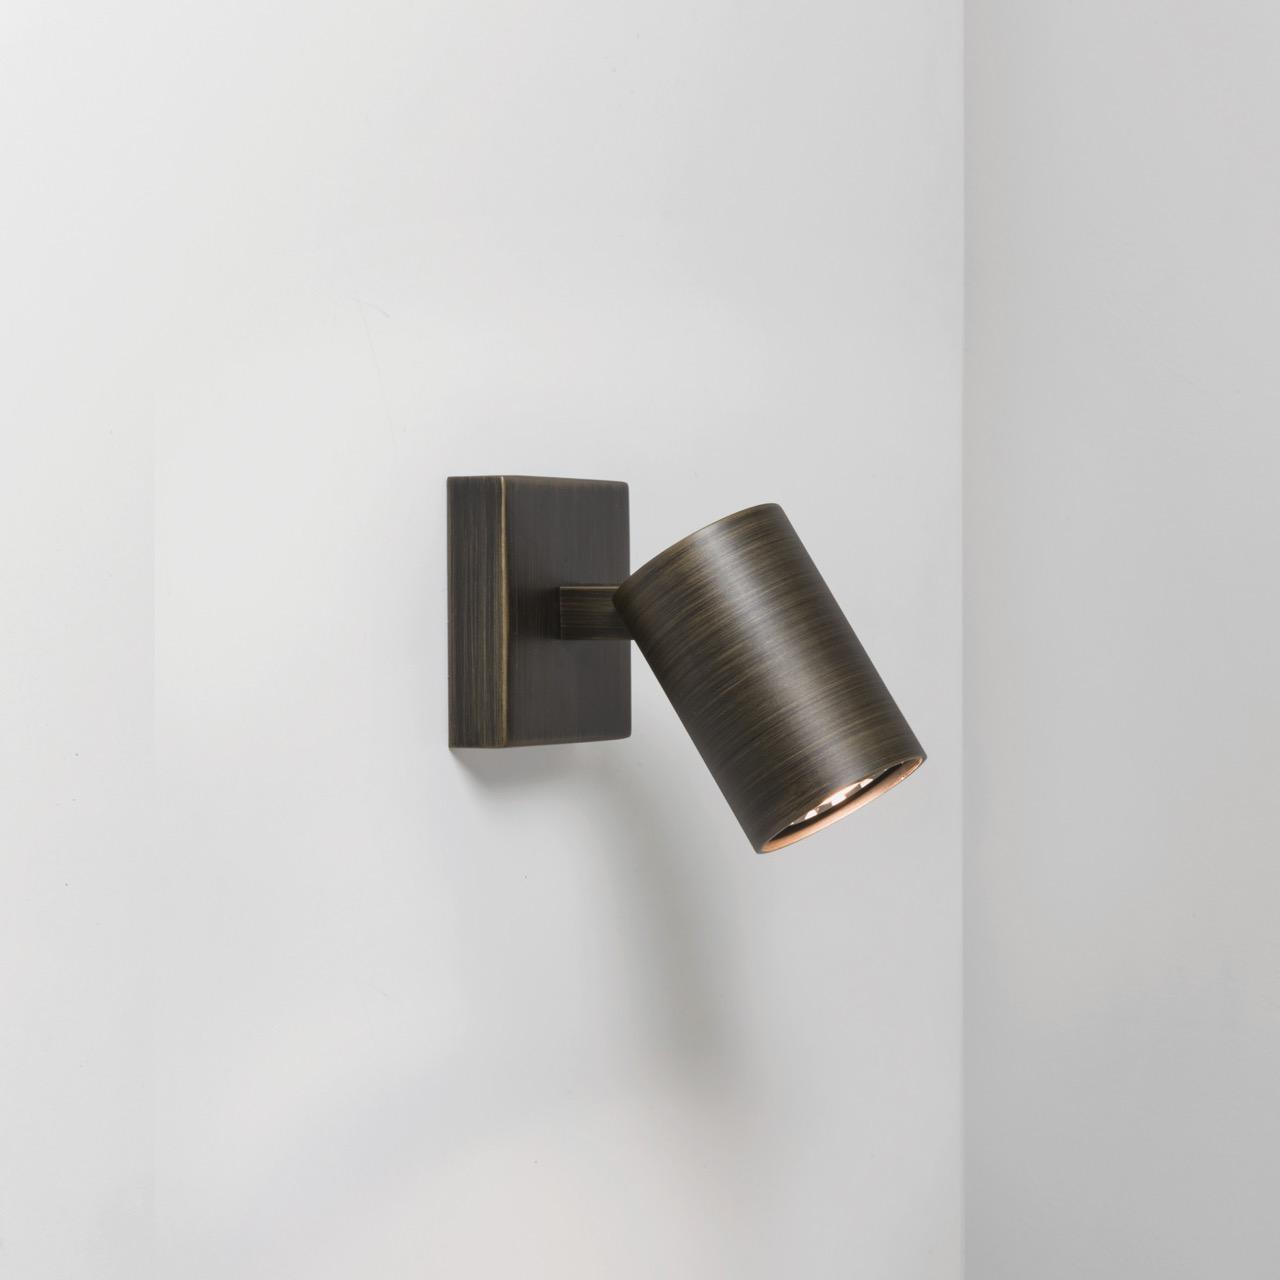 Decken- und Wandleuchte Ascoli Single von Astro, bronze